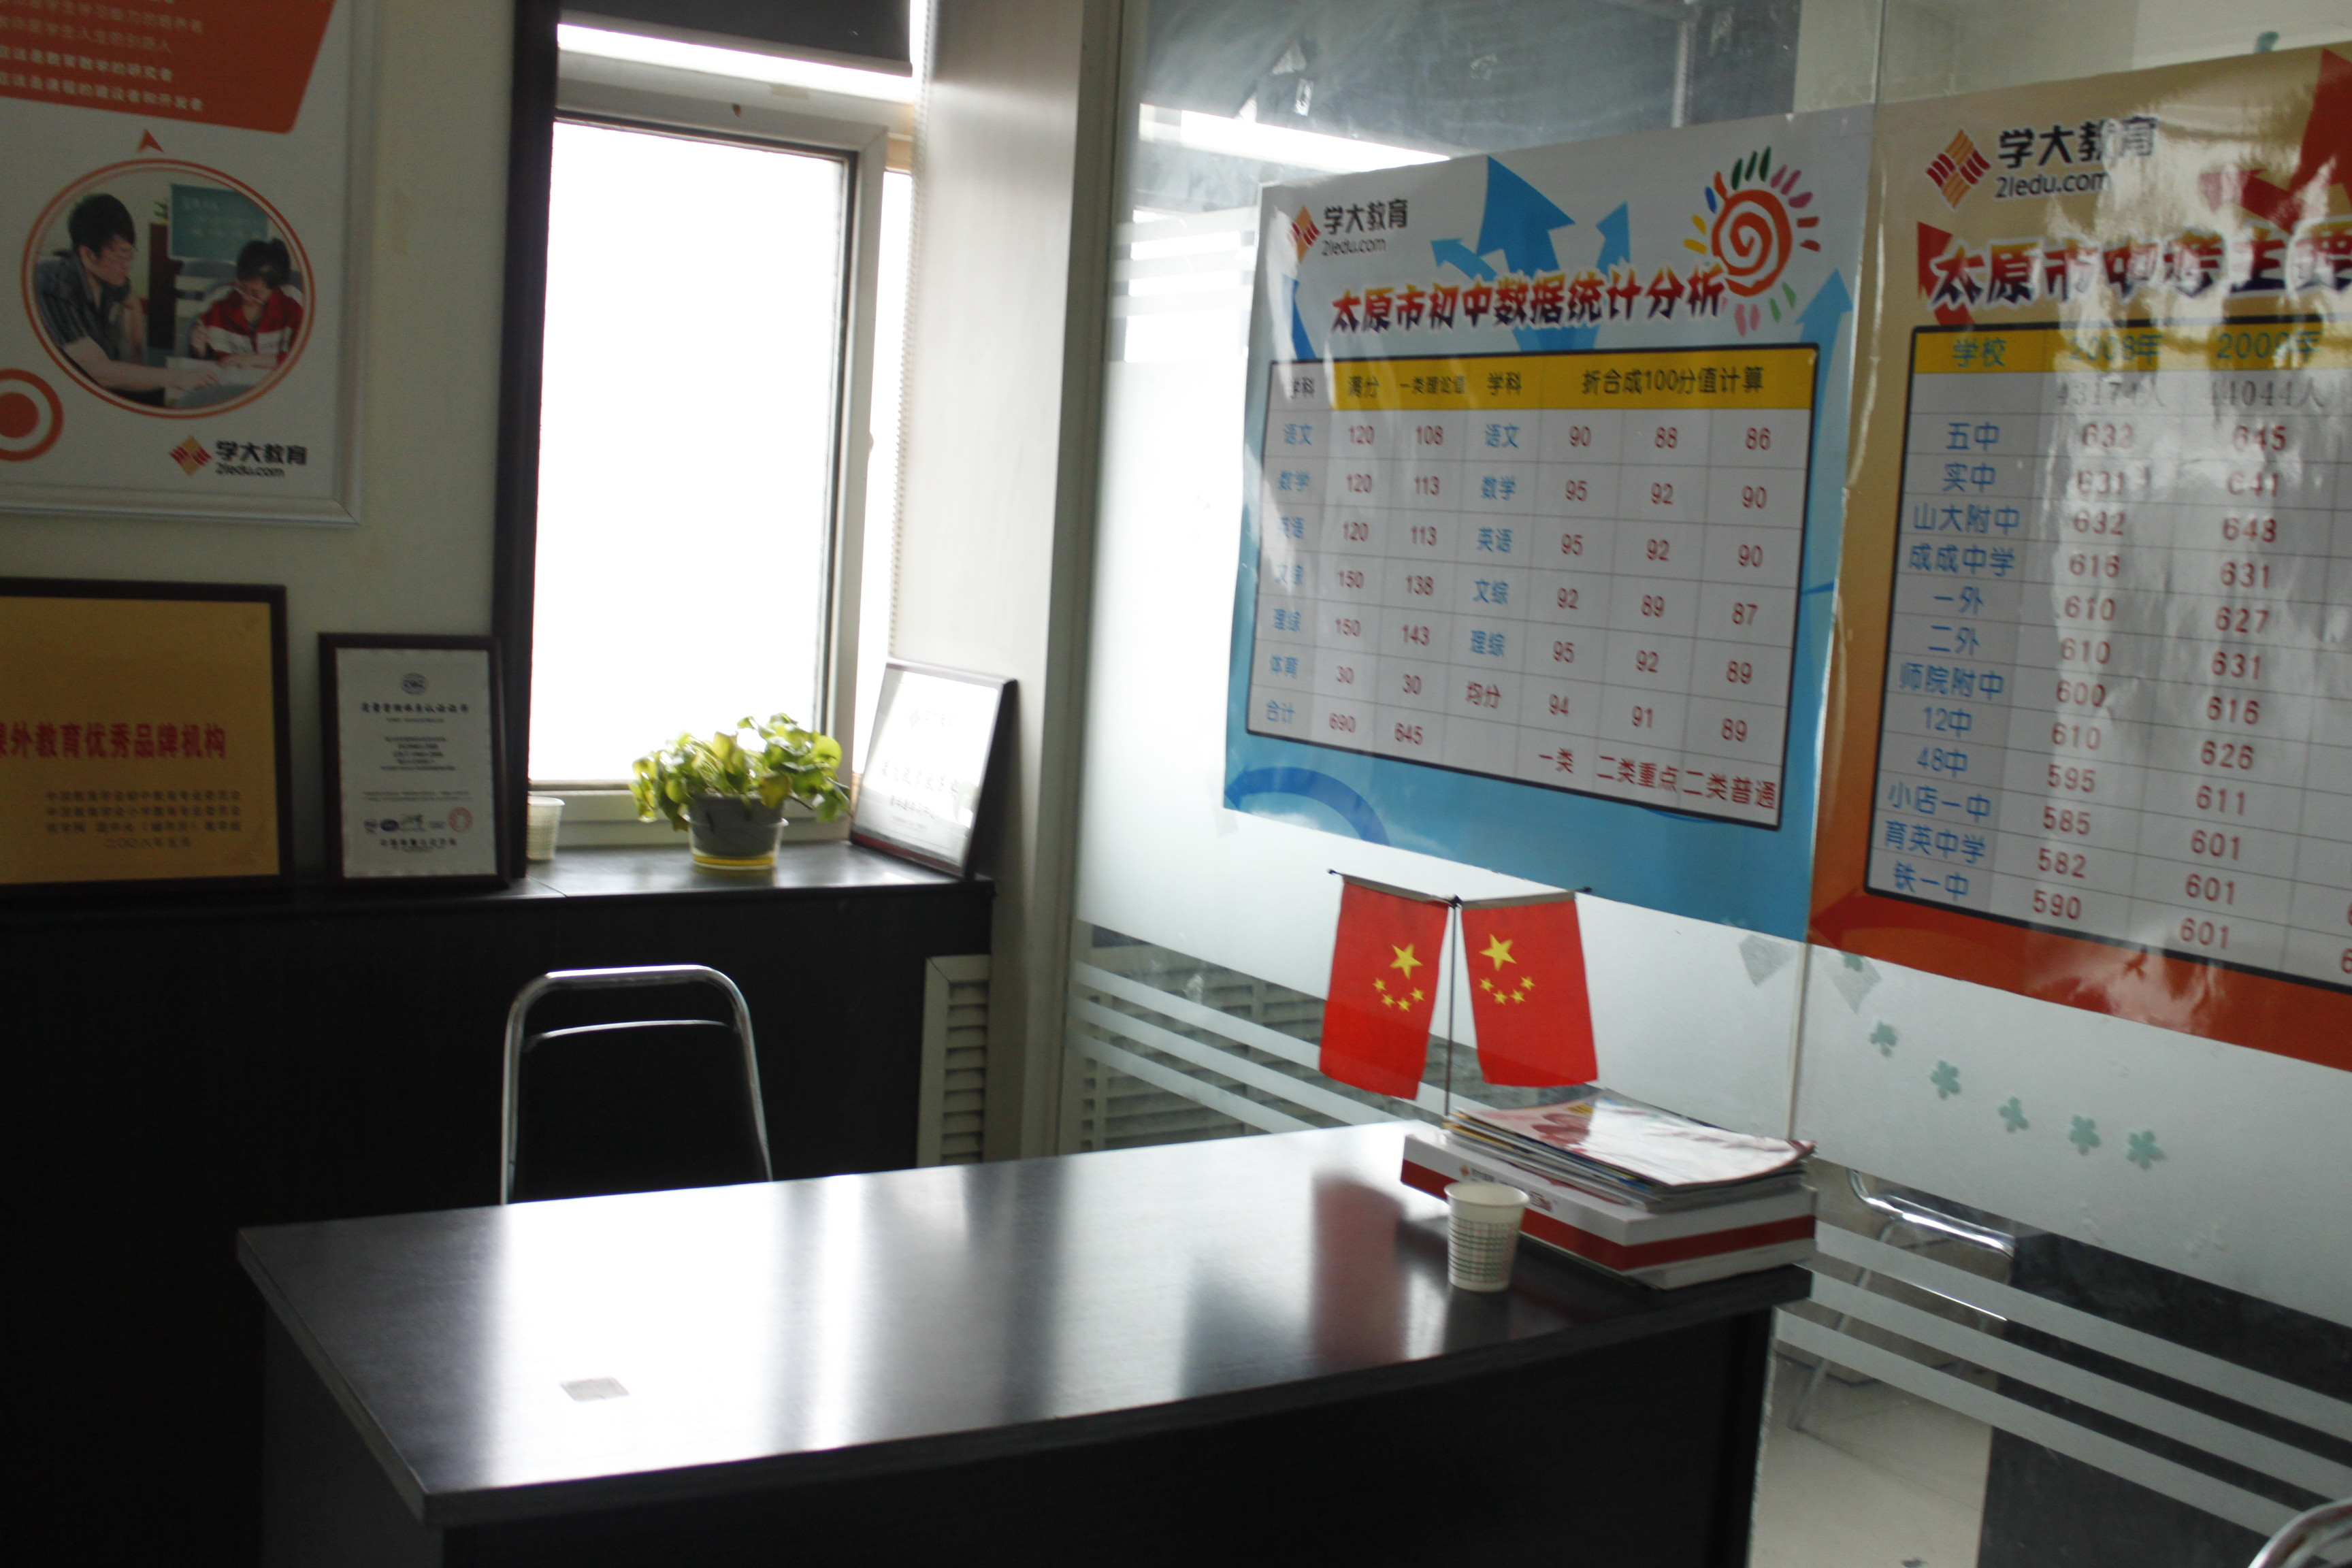 太原青年路学习中心-学习环境